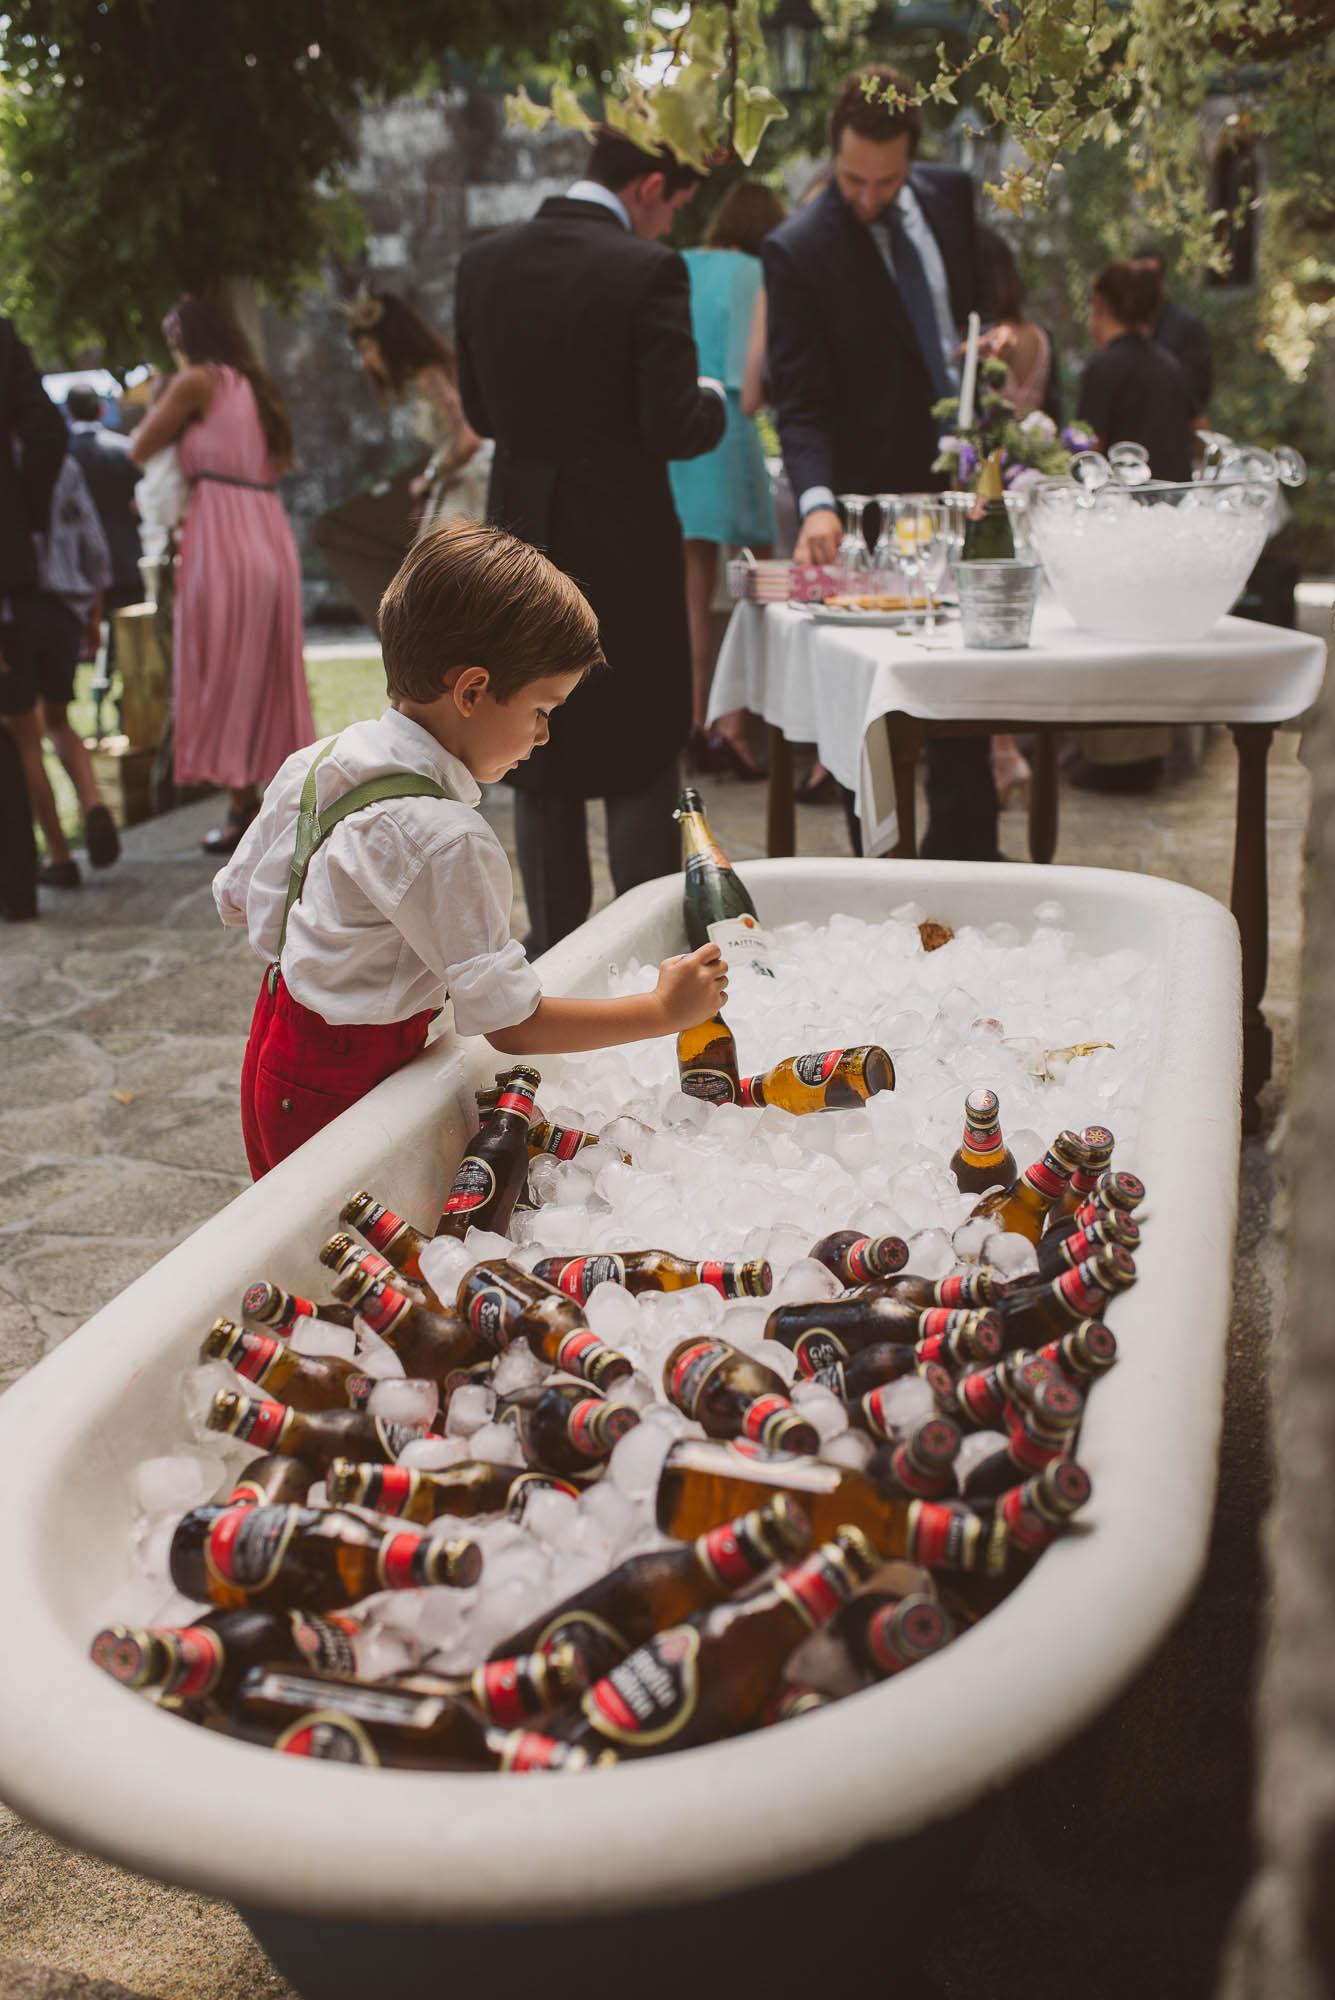 Un niño coge una cerveza de la bañera durante el cóctel de la boda